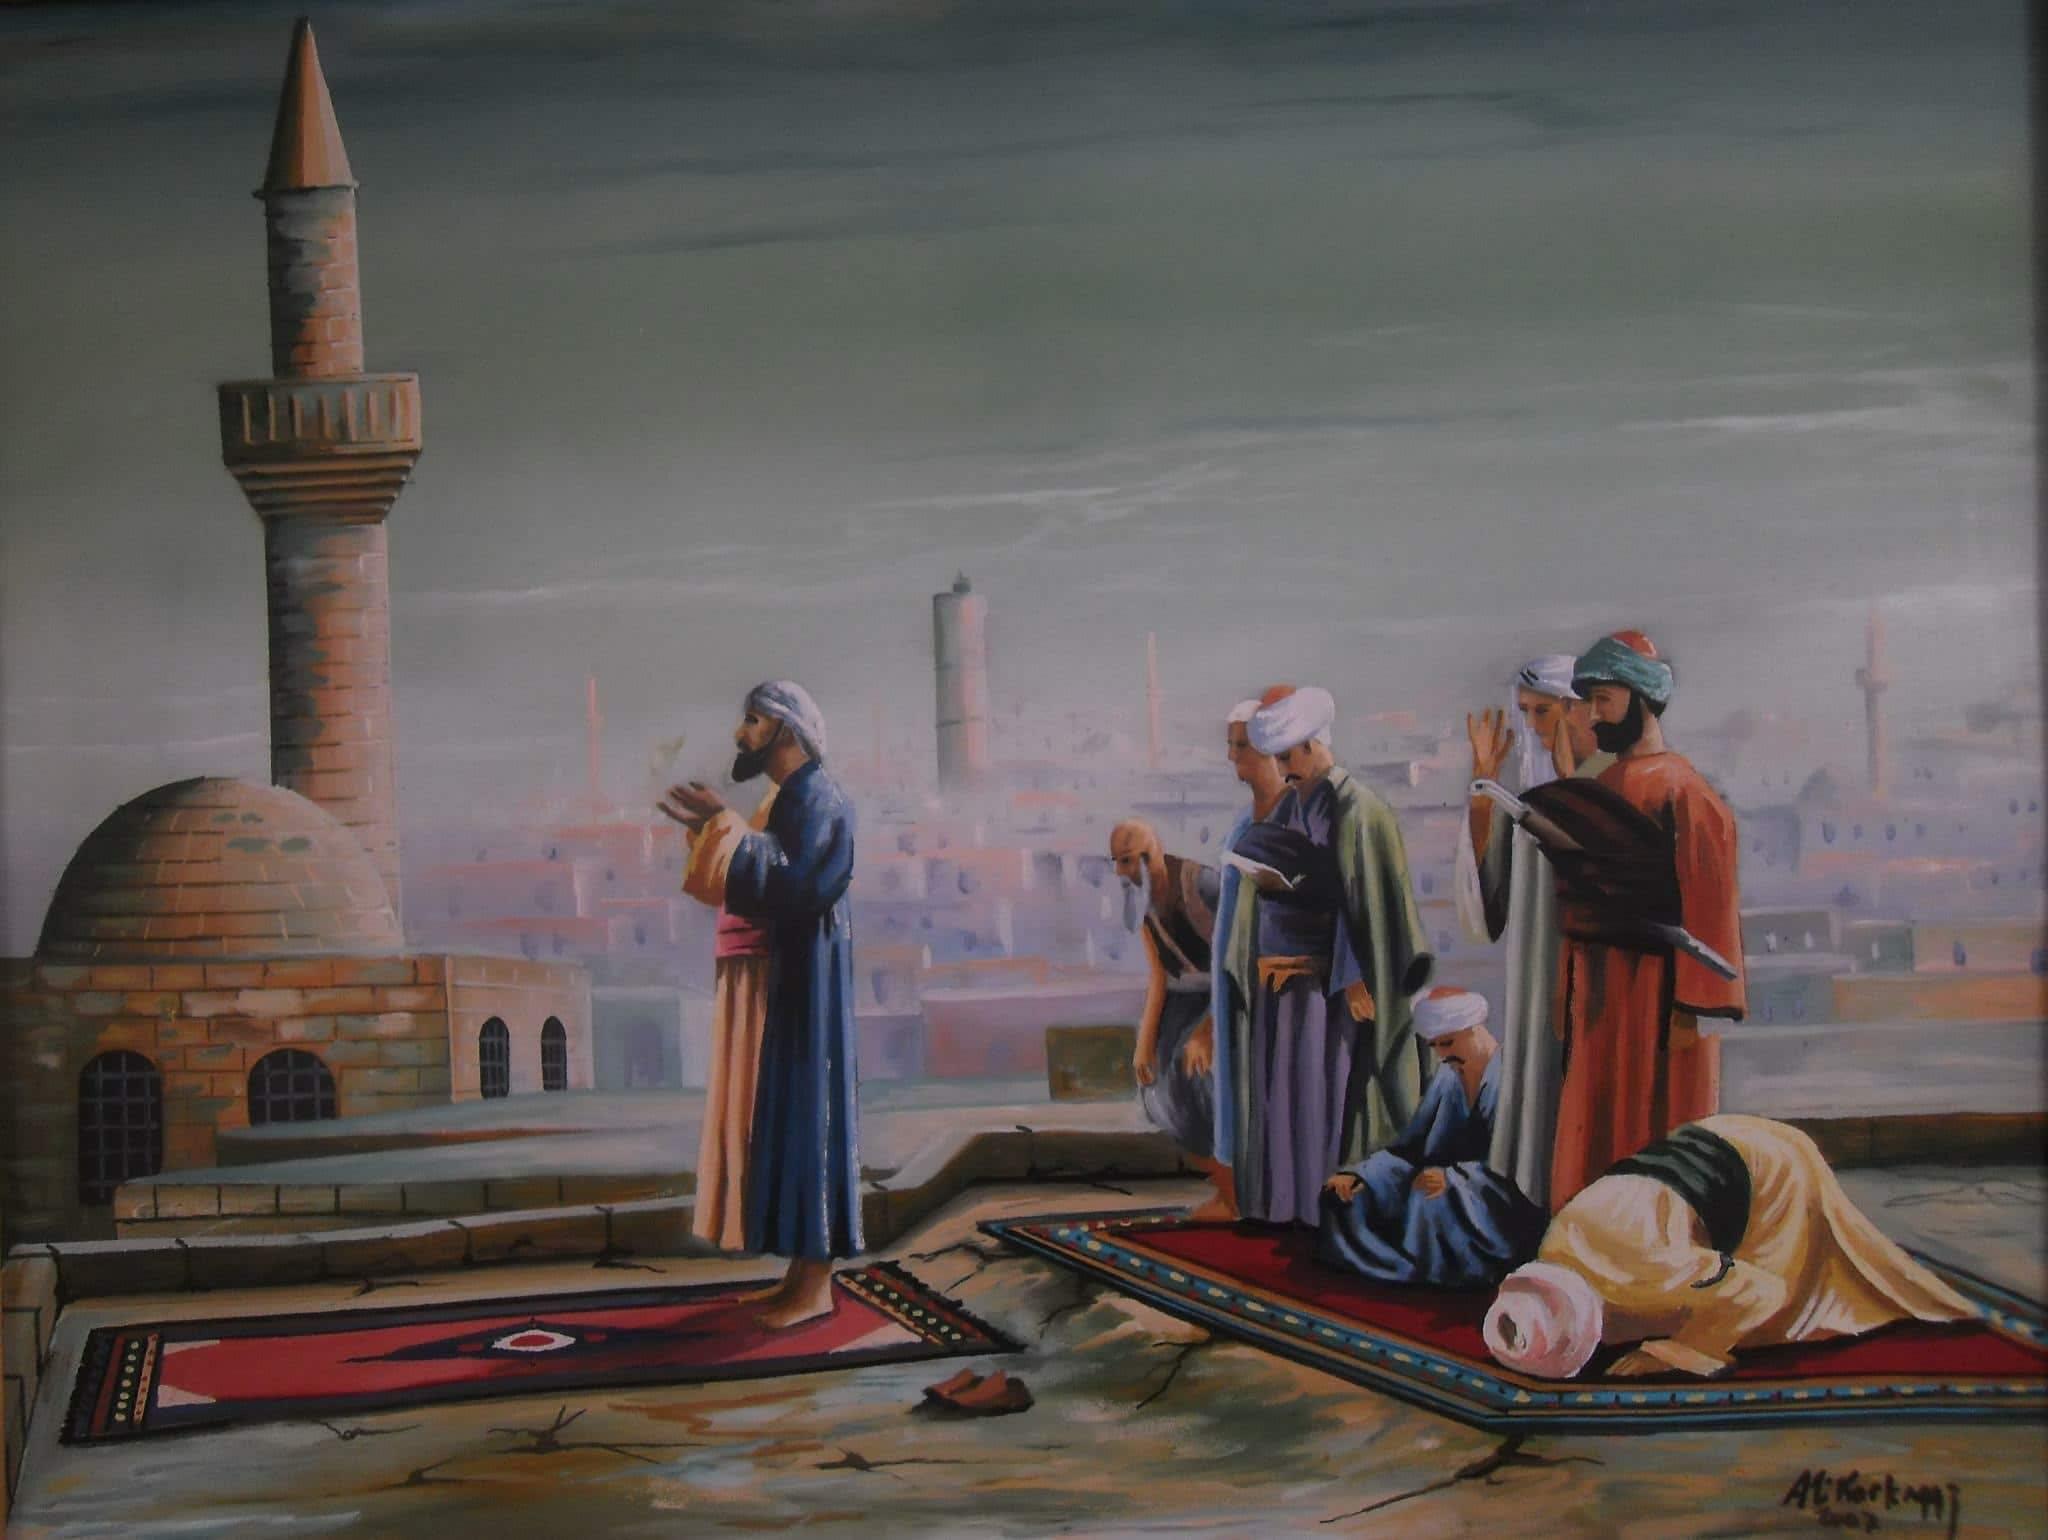 Free stock photo of Şanlıurfa, Balıklıgöl, Dergah, namaz